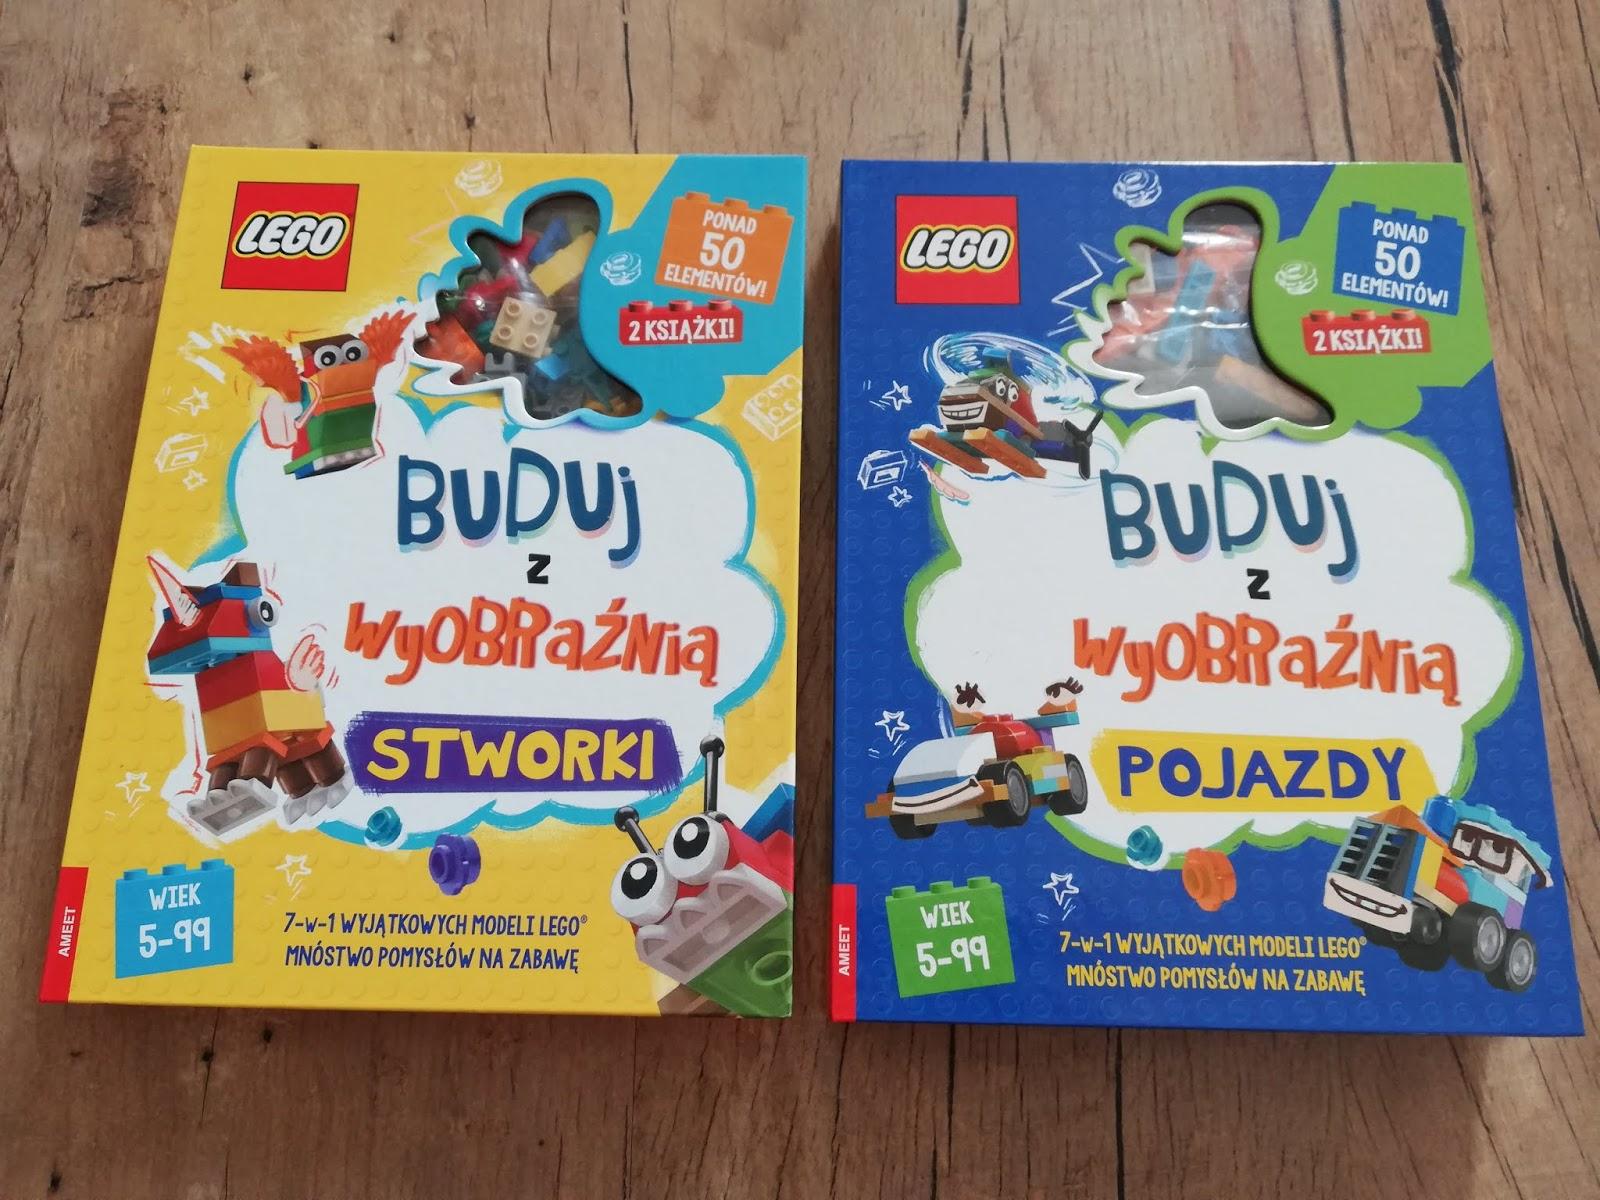 Lego buduj stwory